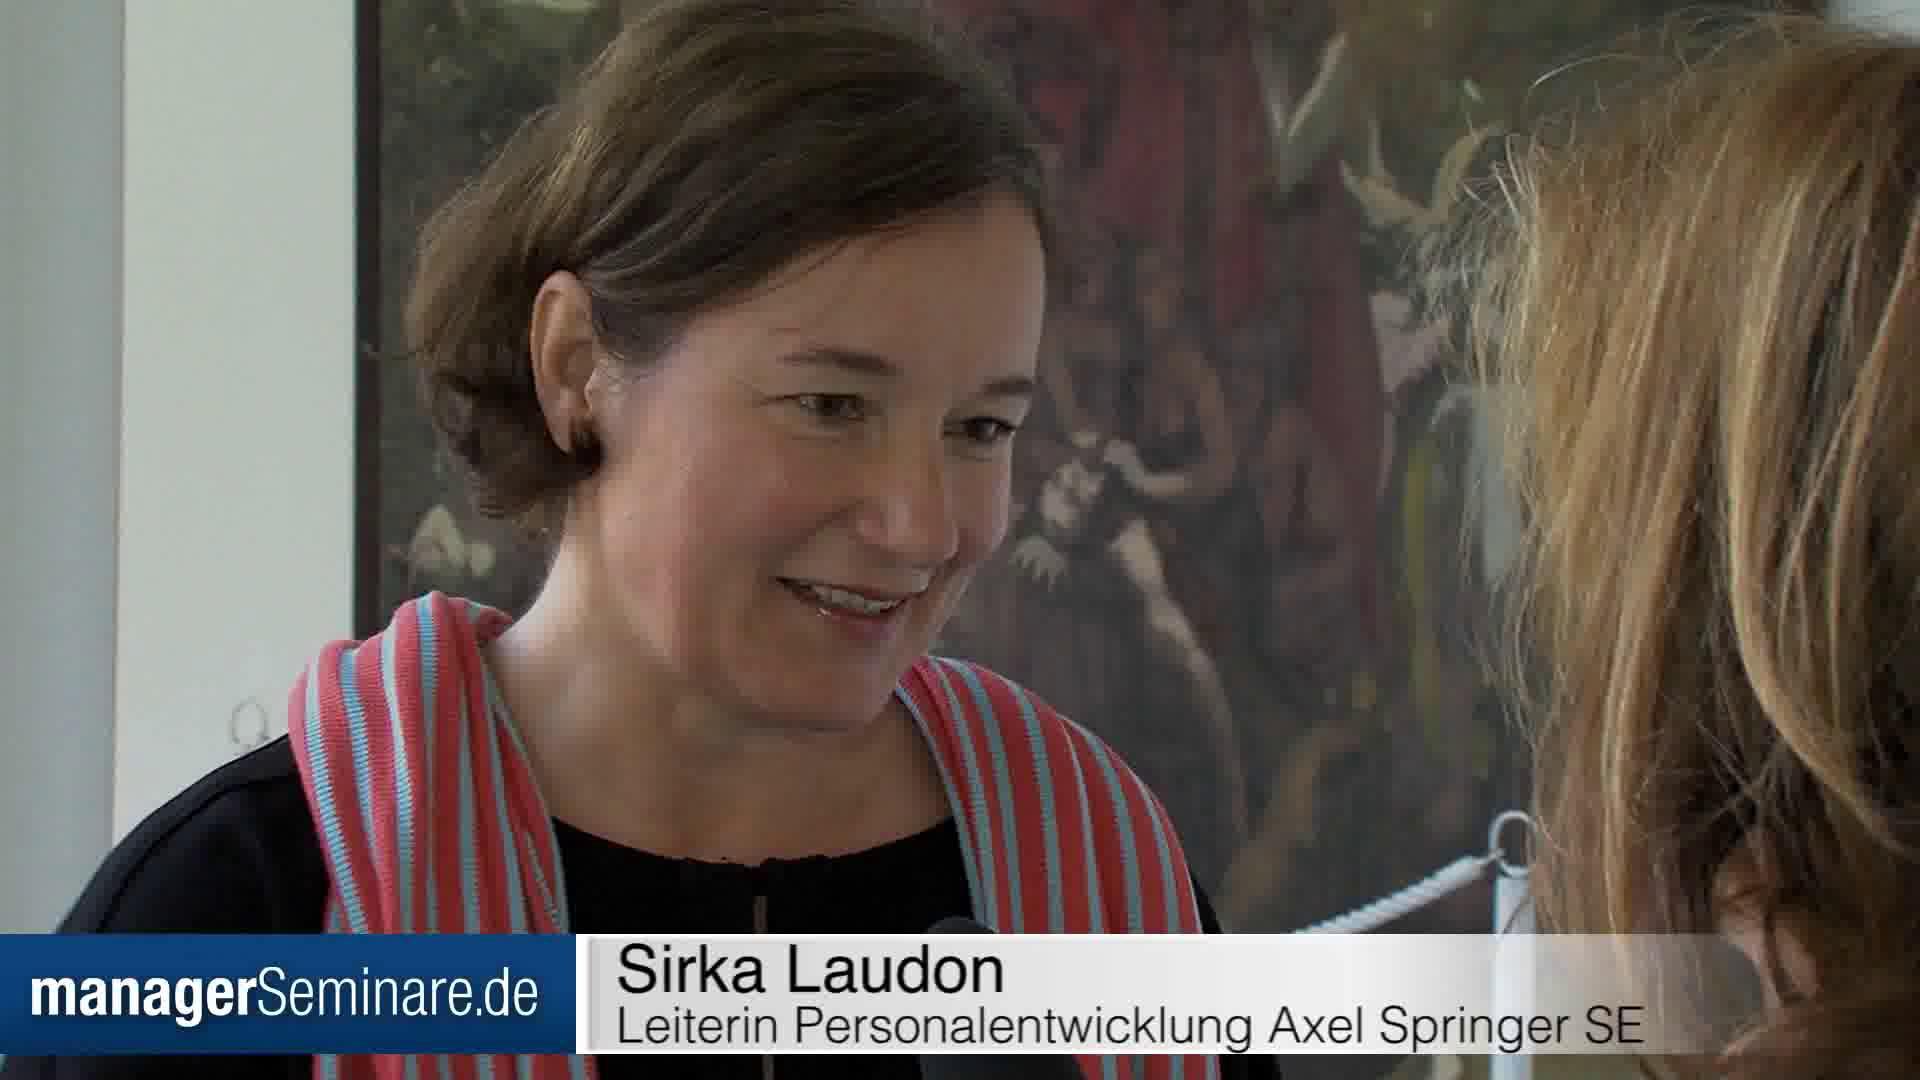 Link Sirka Laudon über die Herausforderungen des digitalen Wandels